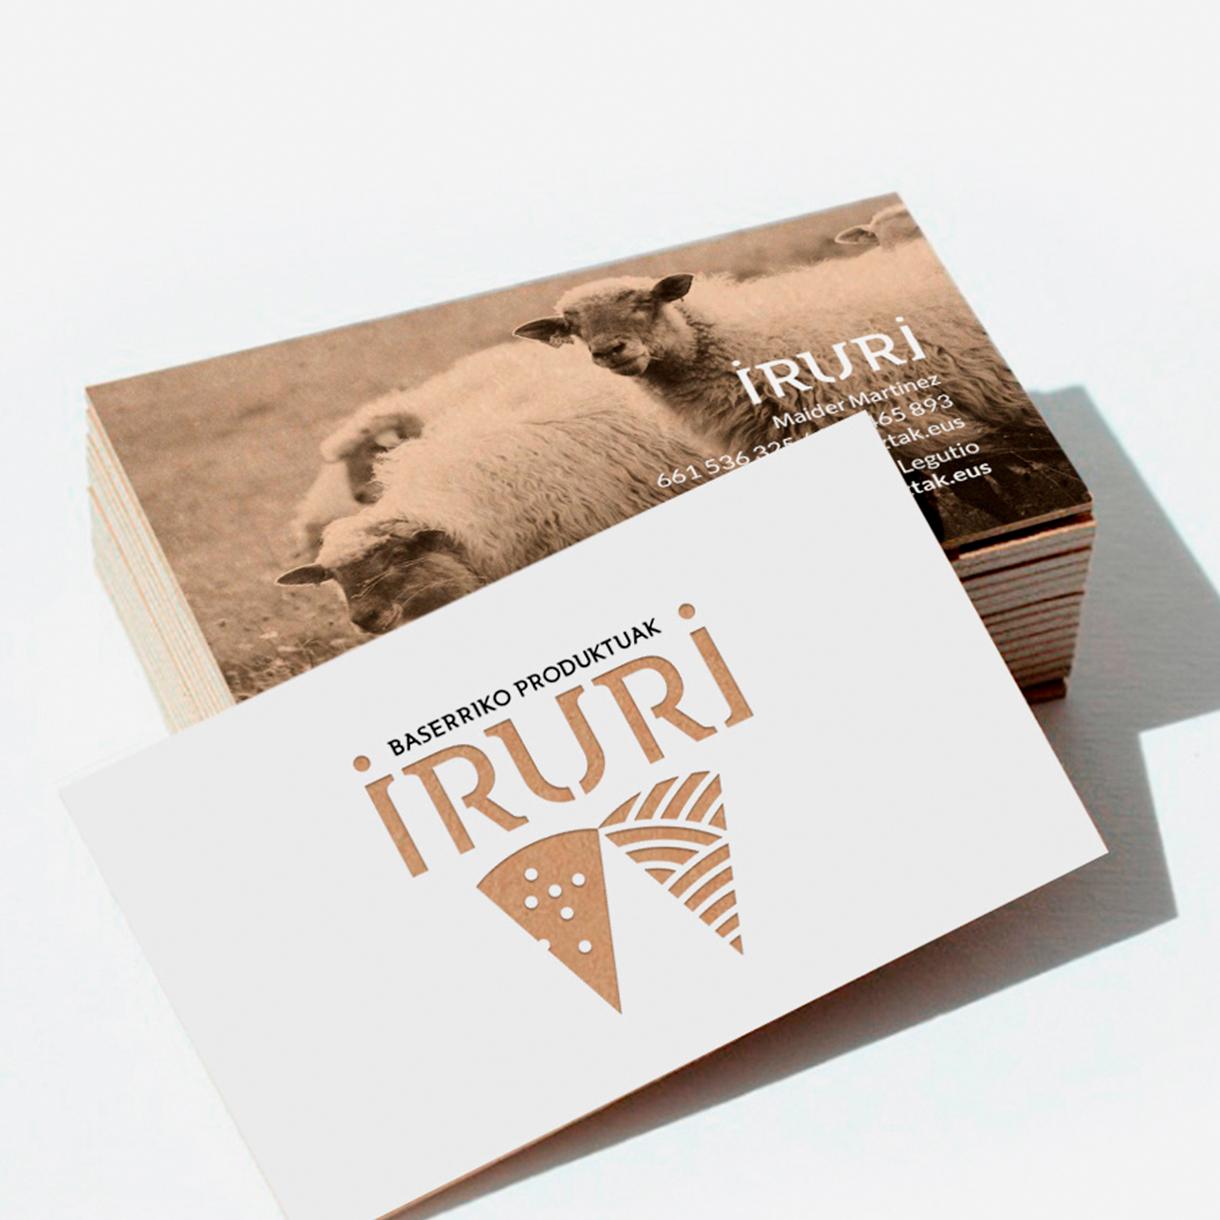 Iruri, tarjetas de visita